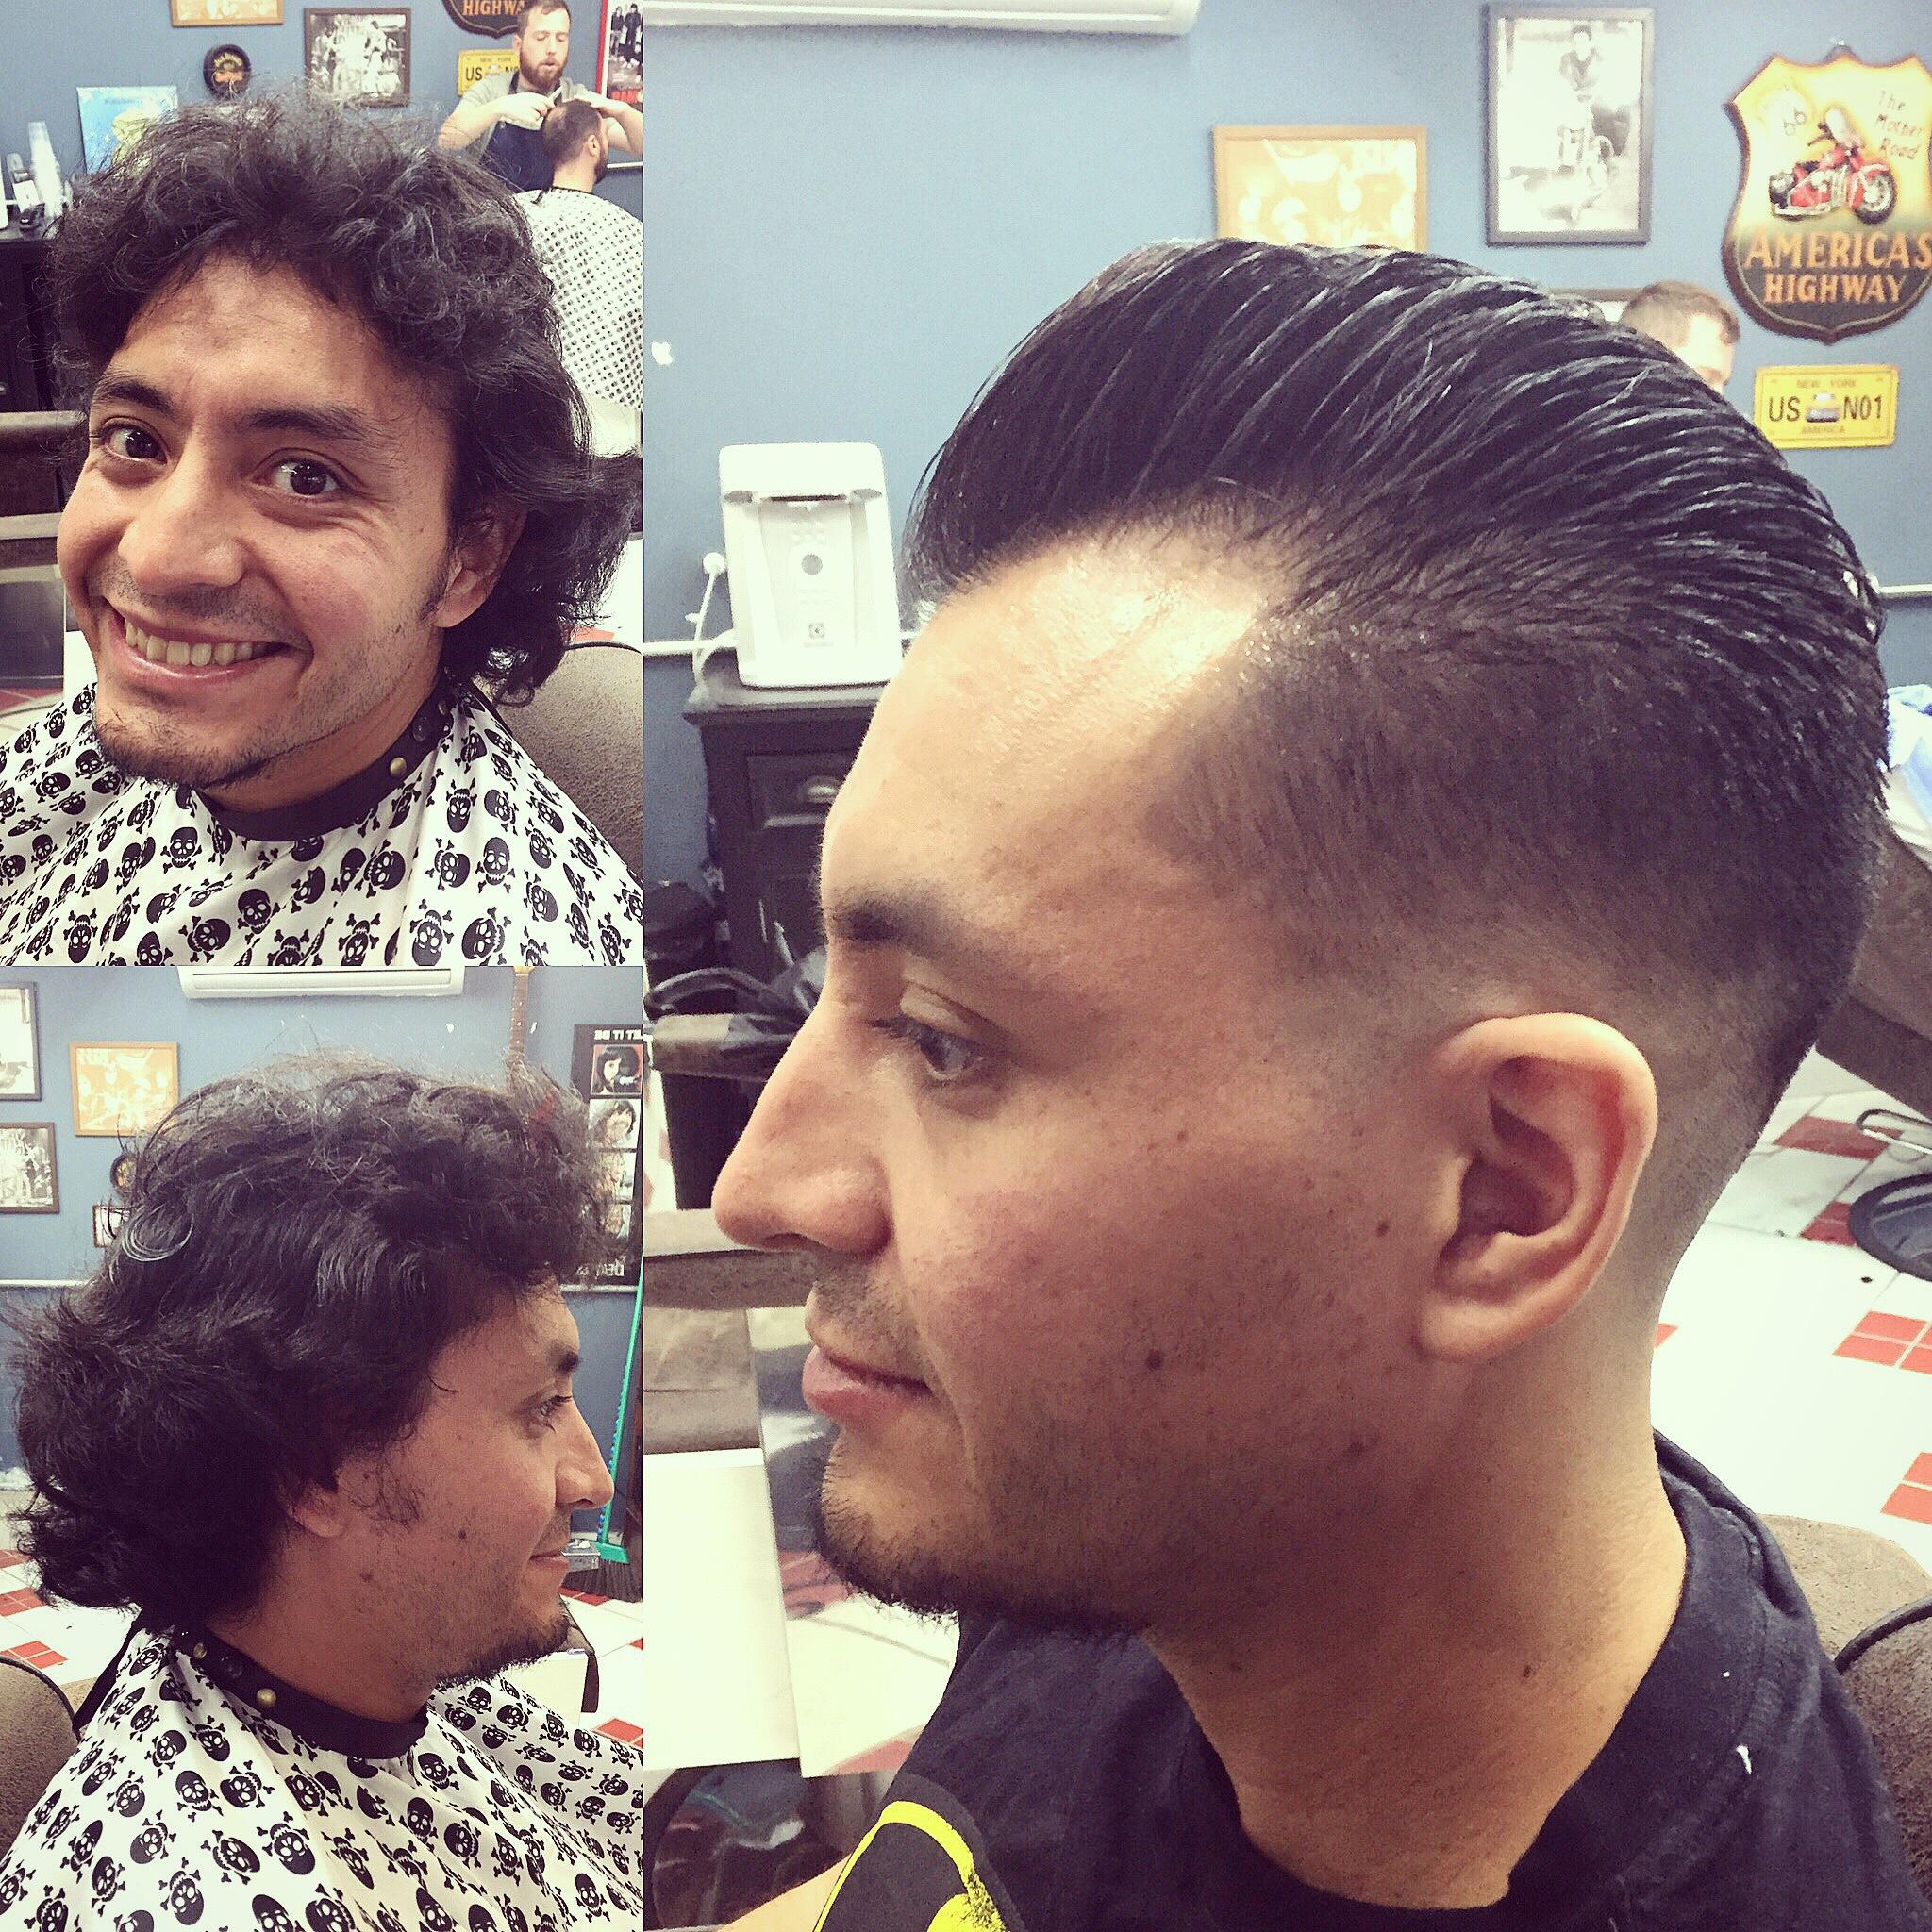 Pomp cabelo barbeiro(a)